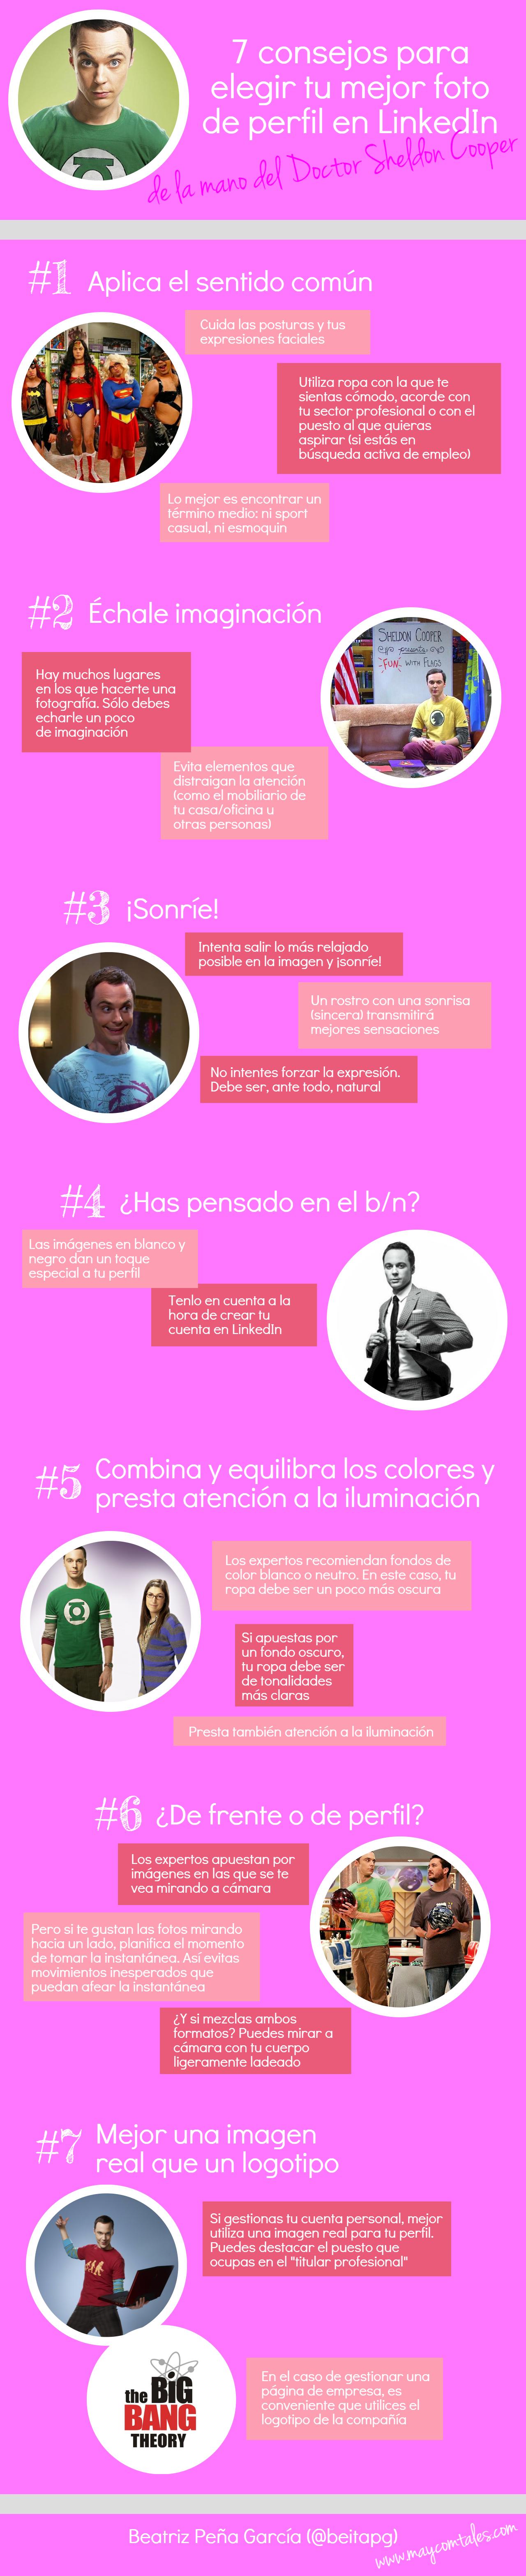 7 consejos para elegir tu mejor foto en un perfil de LinkedIn #infografia #socialmedia